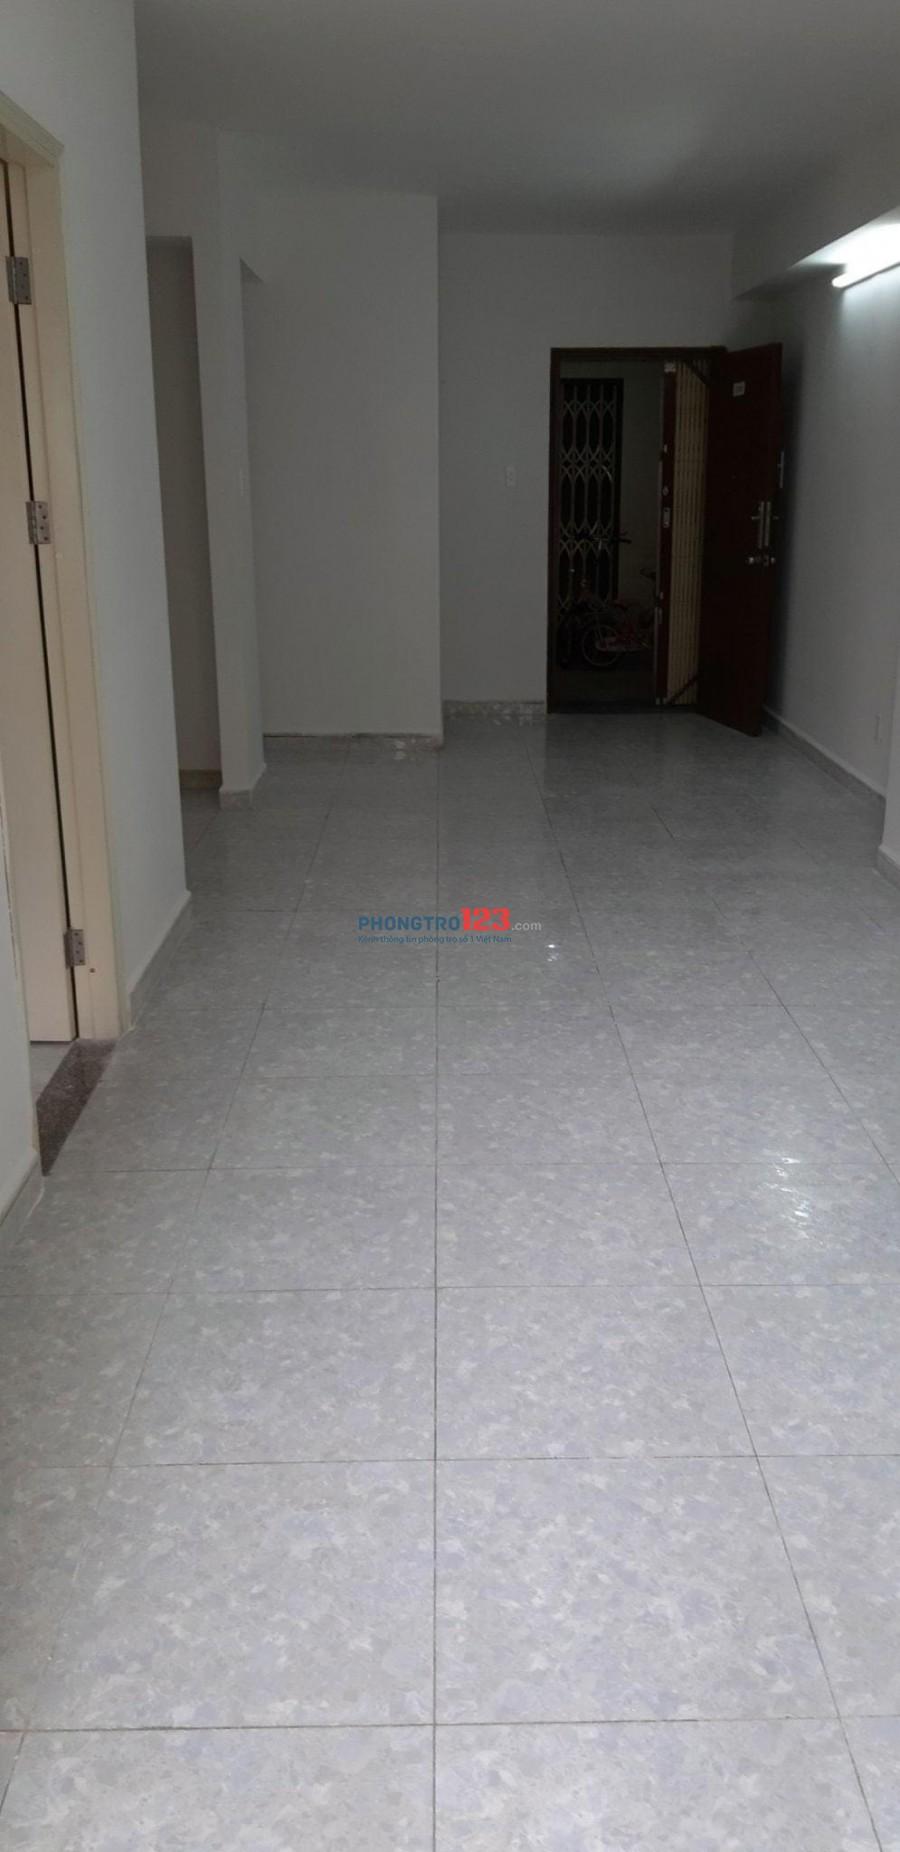 Cho thuê CH Chung Cư Khang Gia Gò Vấp, 61m2, giá 6tr/tháng, nhà trống